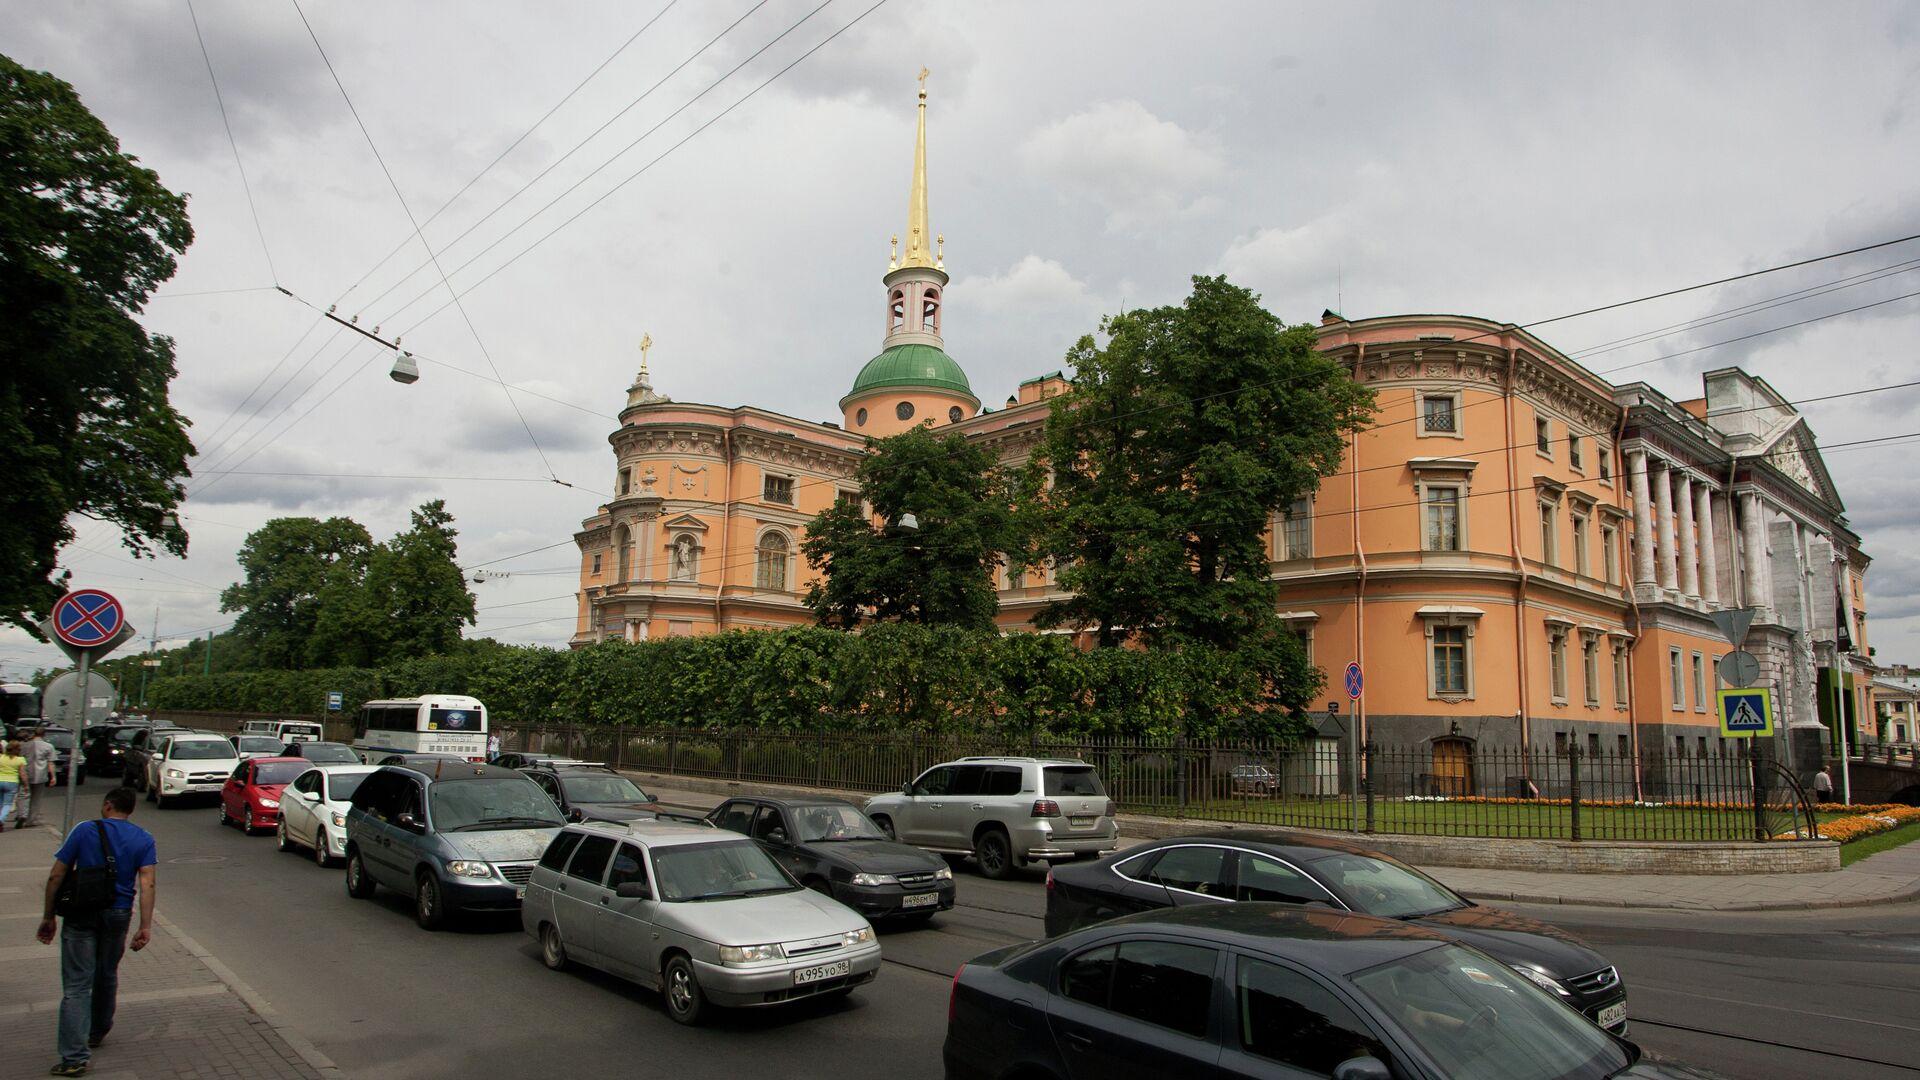 Михайловский замок в Петербурге - РИА Новости, 1920, 23.04.2021